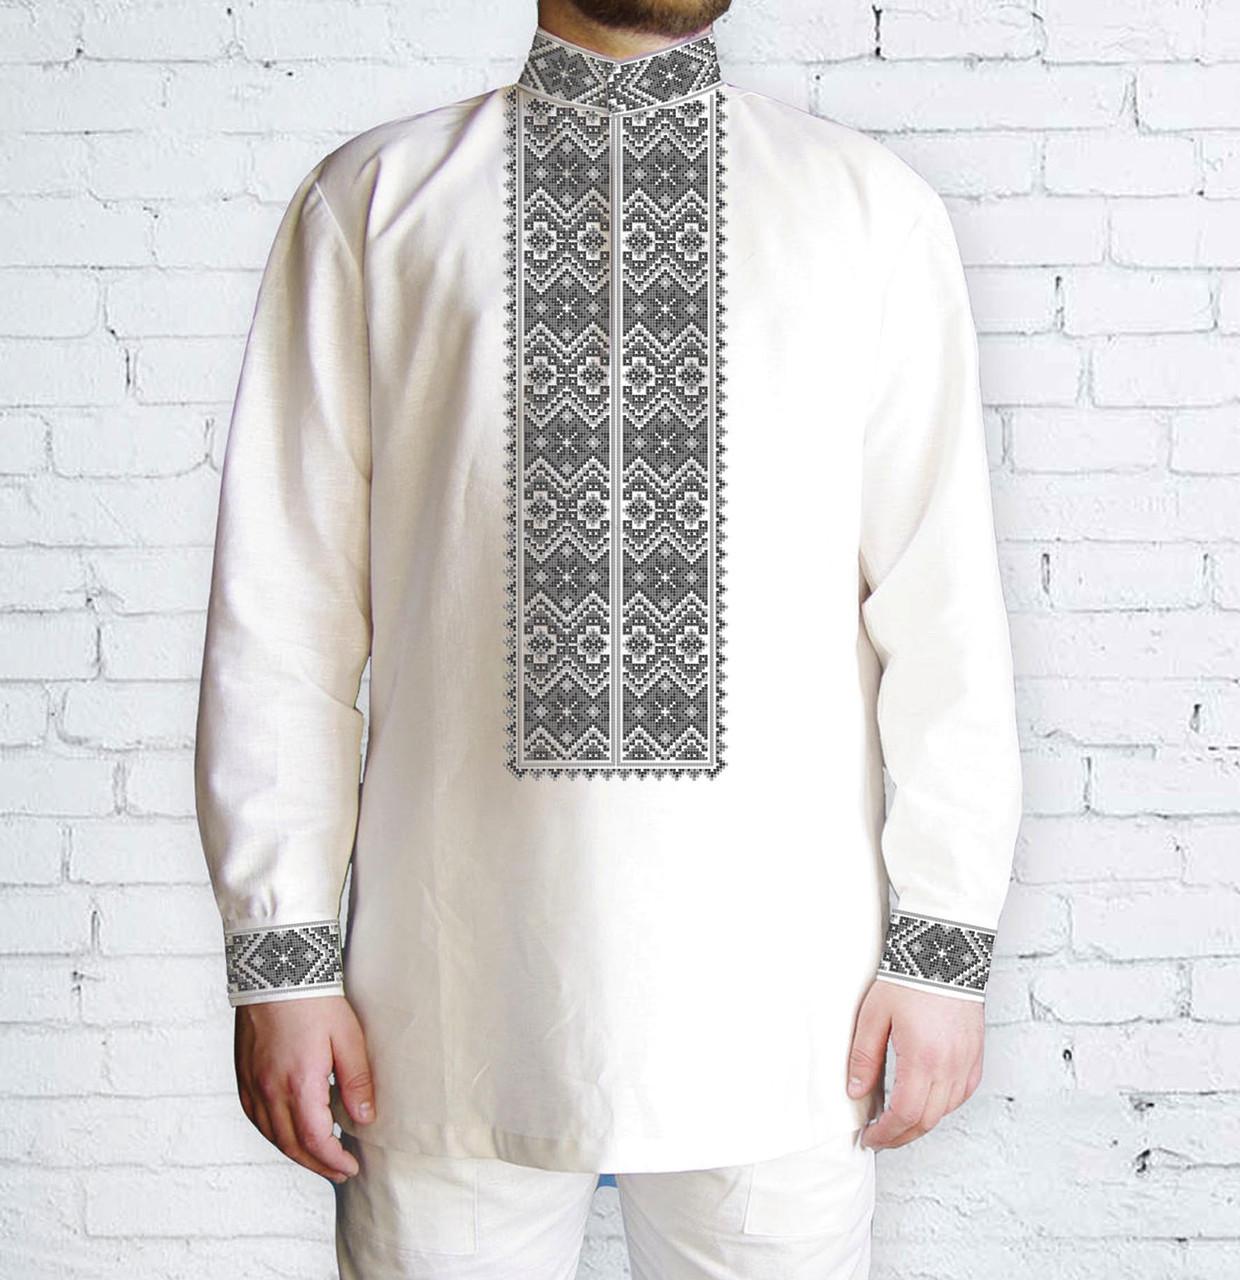 Заготовка чоловічої сорочки та вишиванки для вишивки чи вишивання бісером Бисерок «Ромби сірі 511 С» (Ч-511 С )